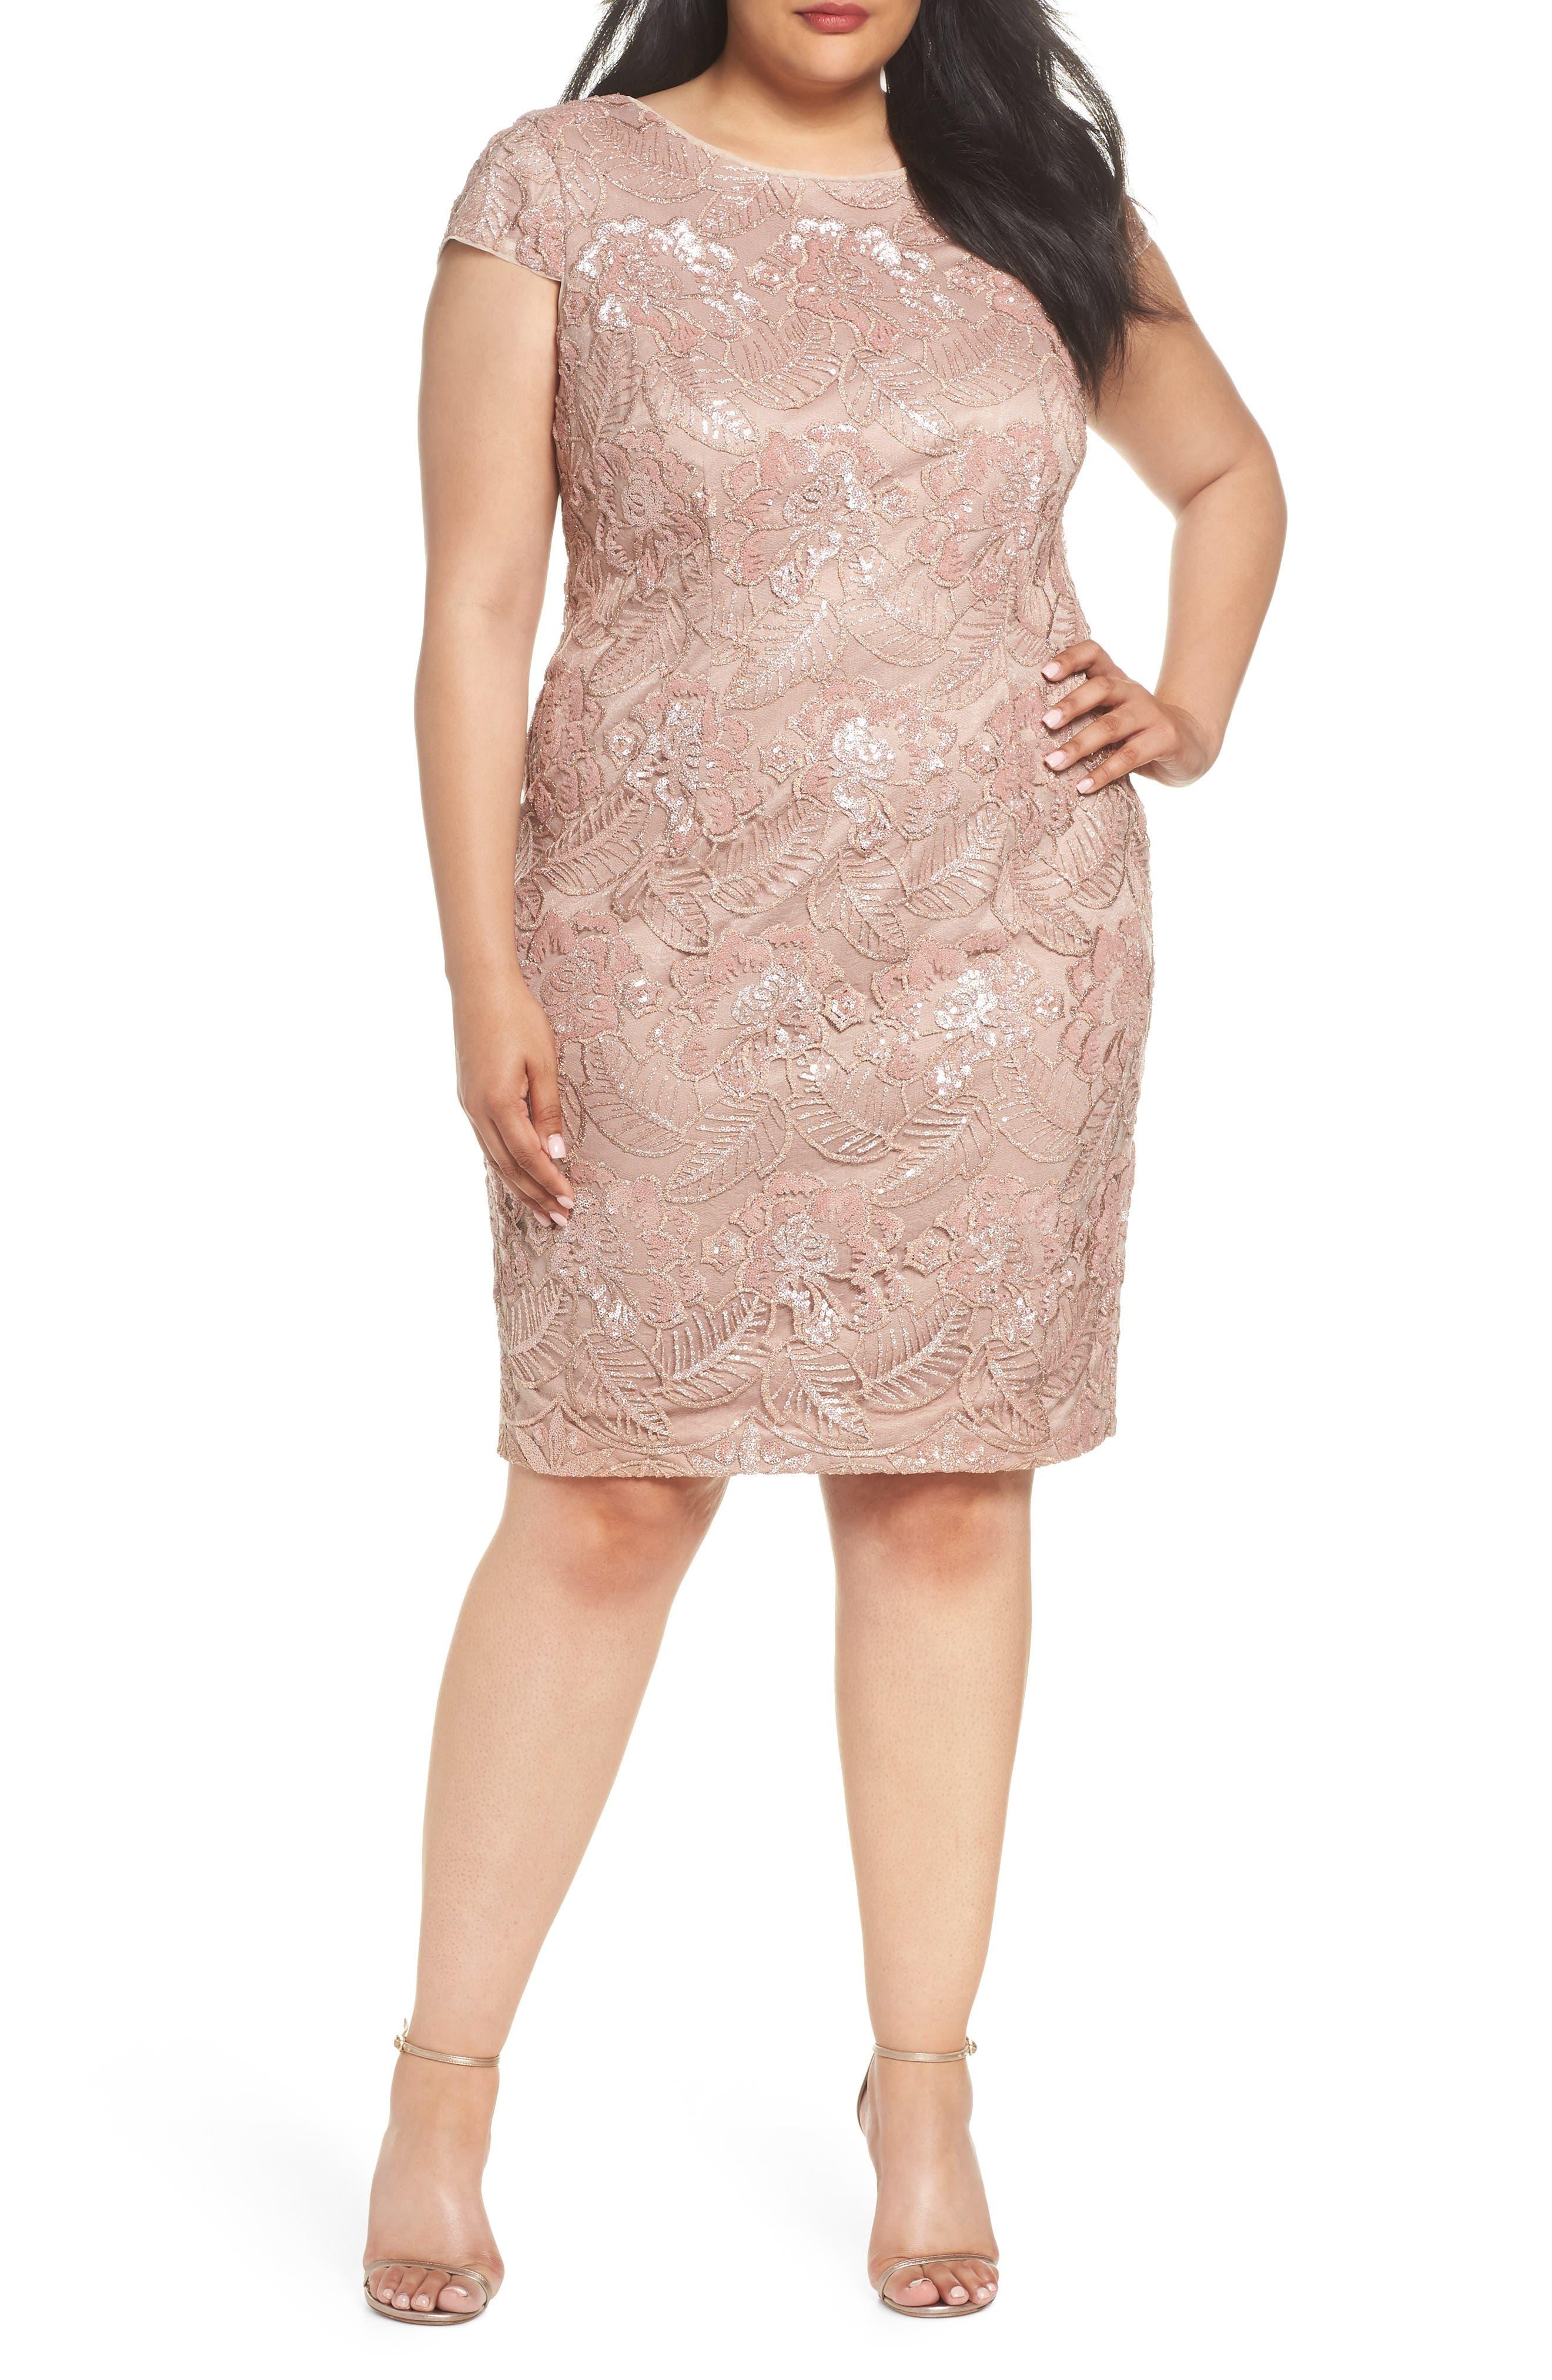 Plus Size Alex Evenings Sequin Lace Cocktail Dress, Pink